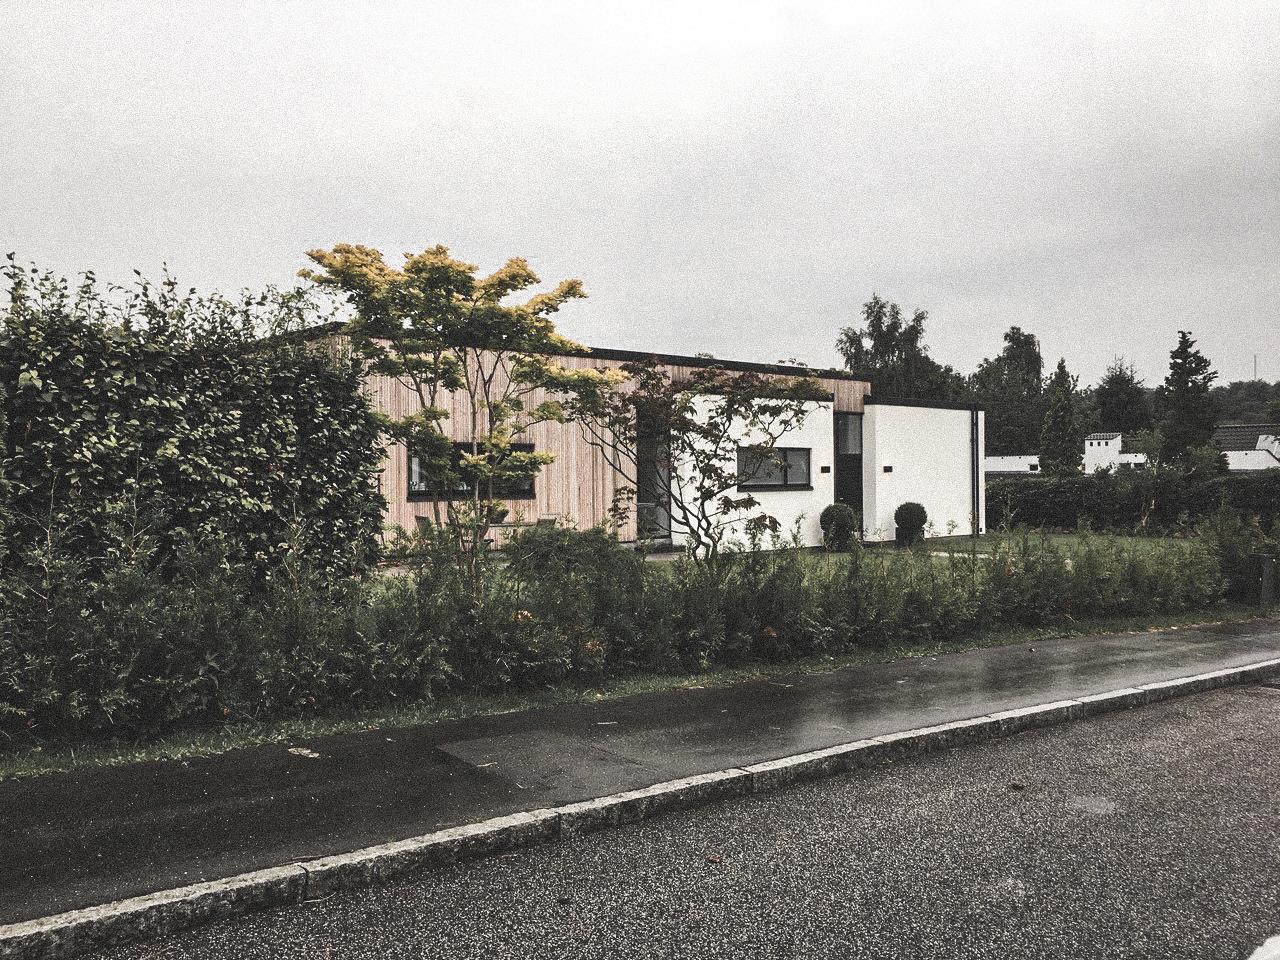 Billede af villa i Hareskovby efter indflytning, tegnet af arkitektfirmaet m2plus.